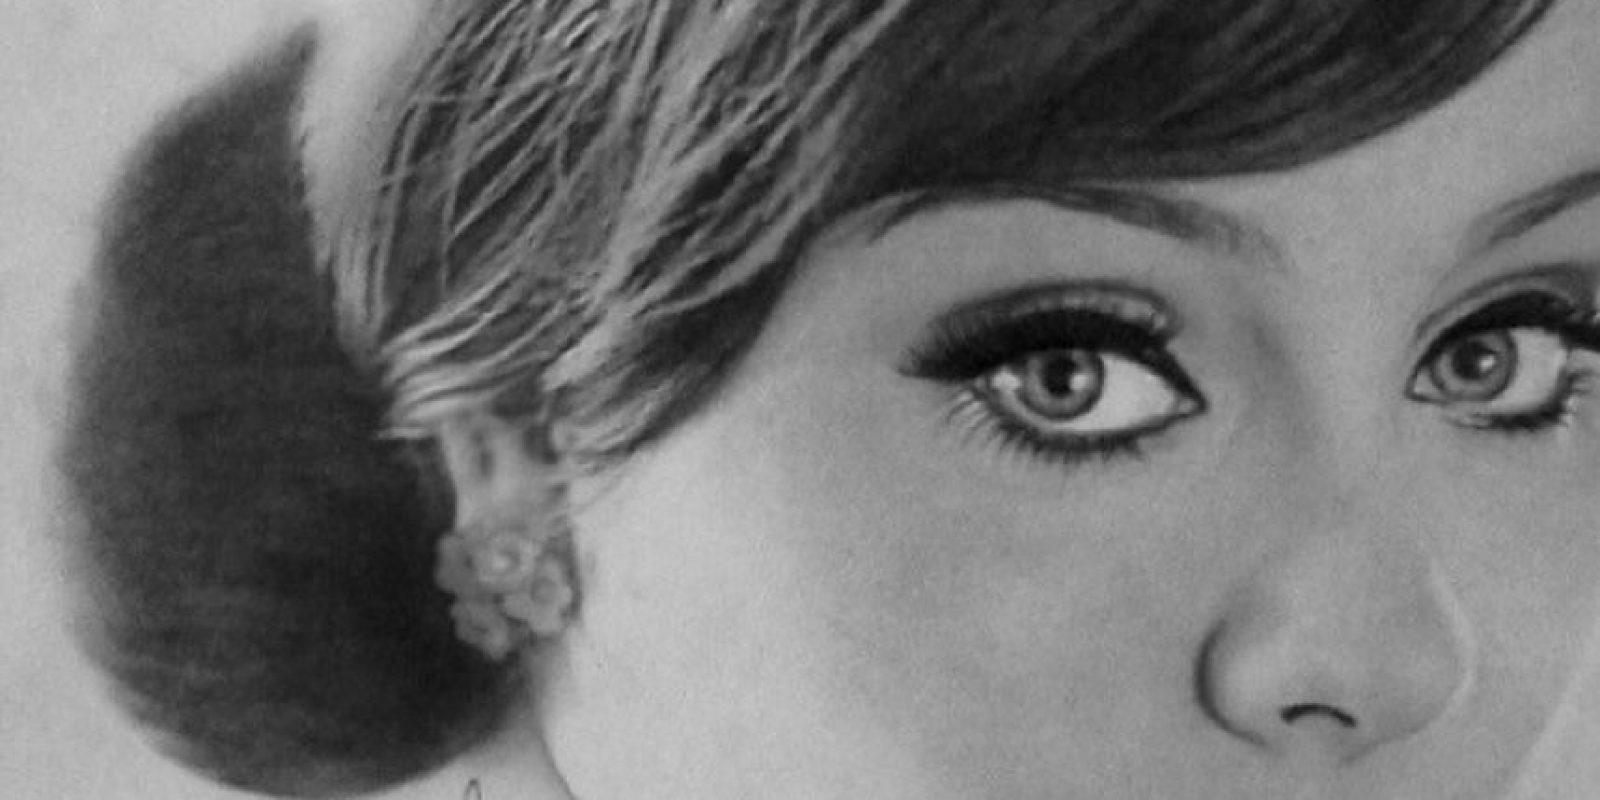 En la 54.ª entrega de los premios Grammy, Adele ganó las seis nominaciones que recibió, Foto:Vía twitter.com/OfficialAdele